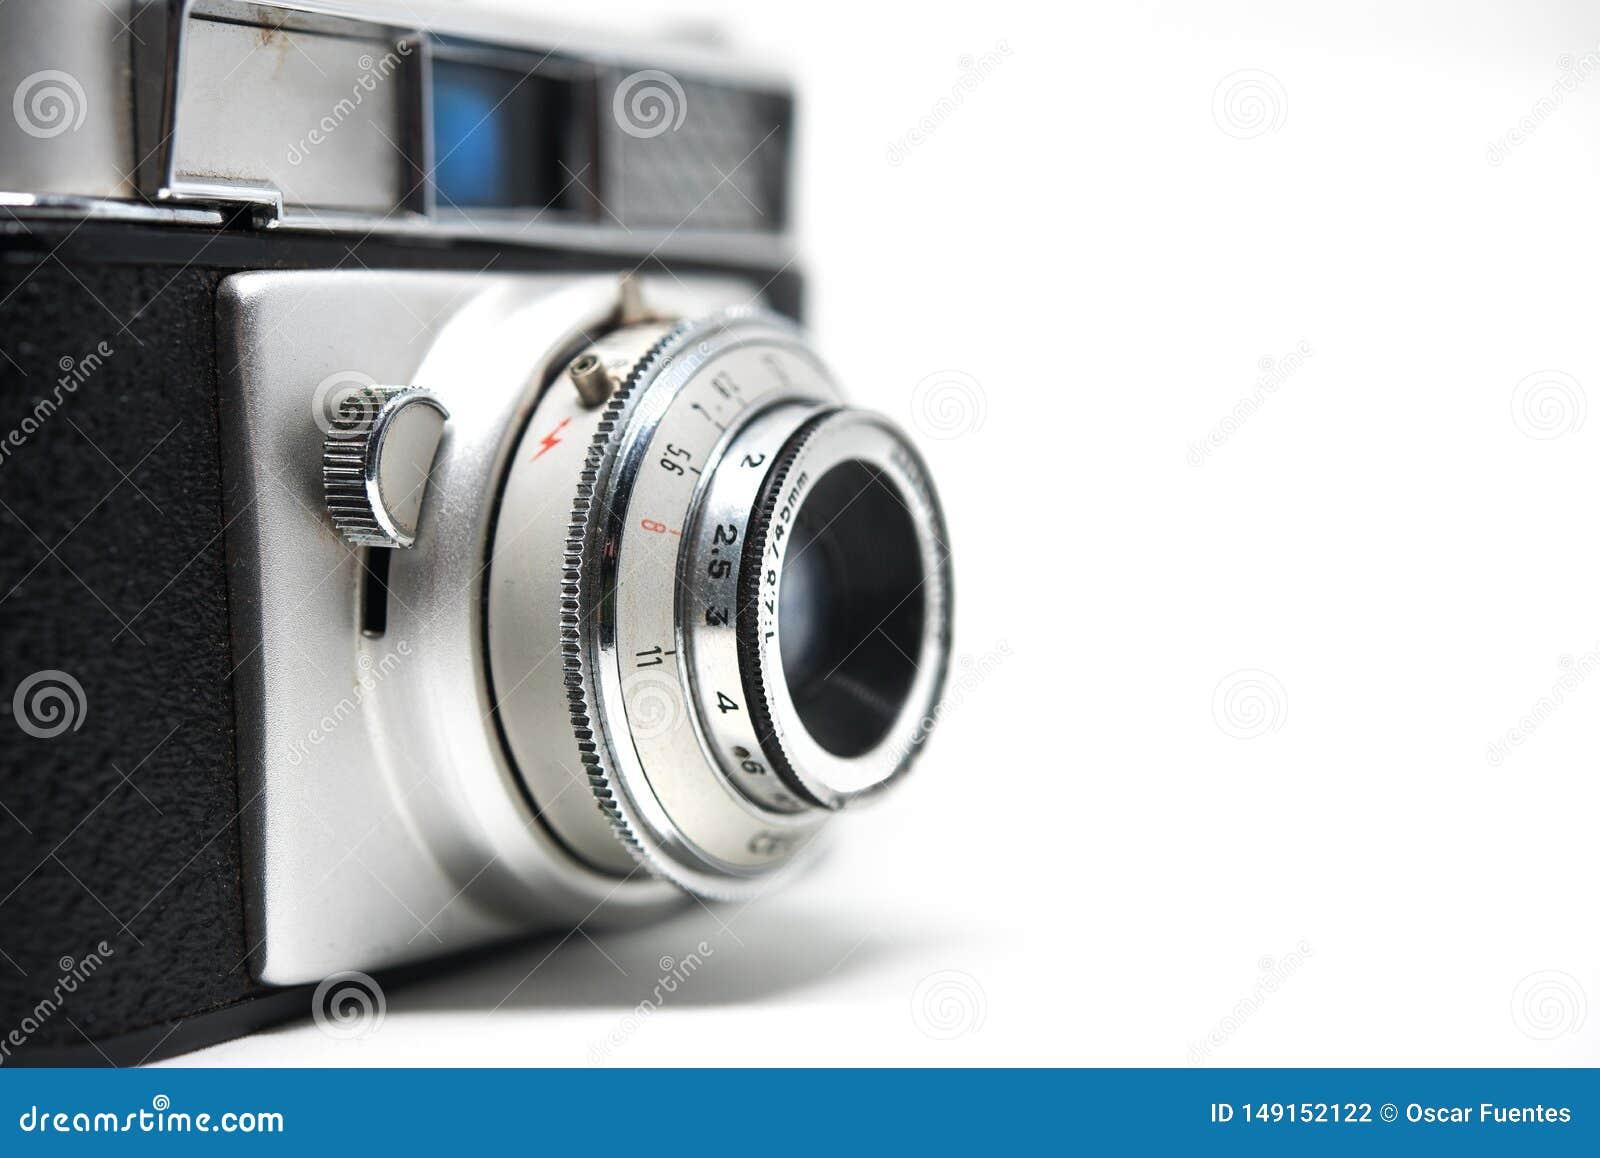 Old photo camera white background